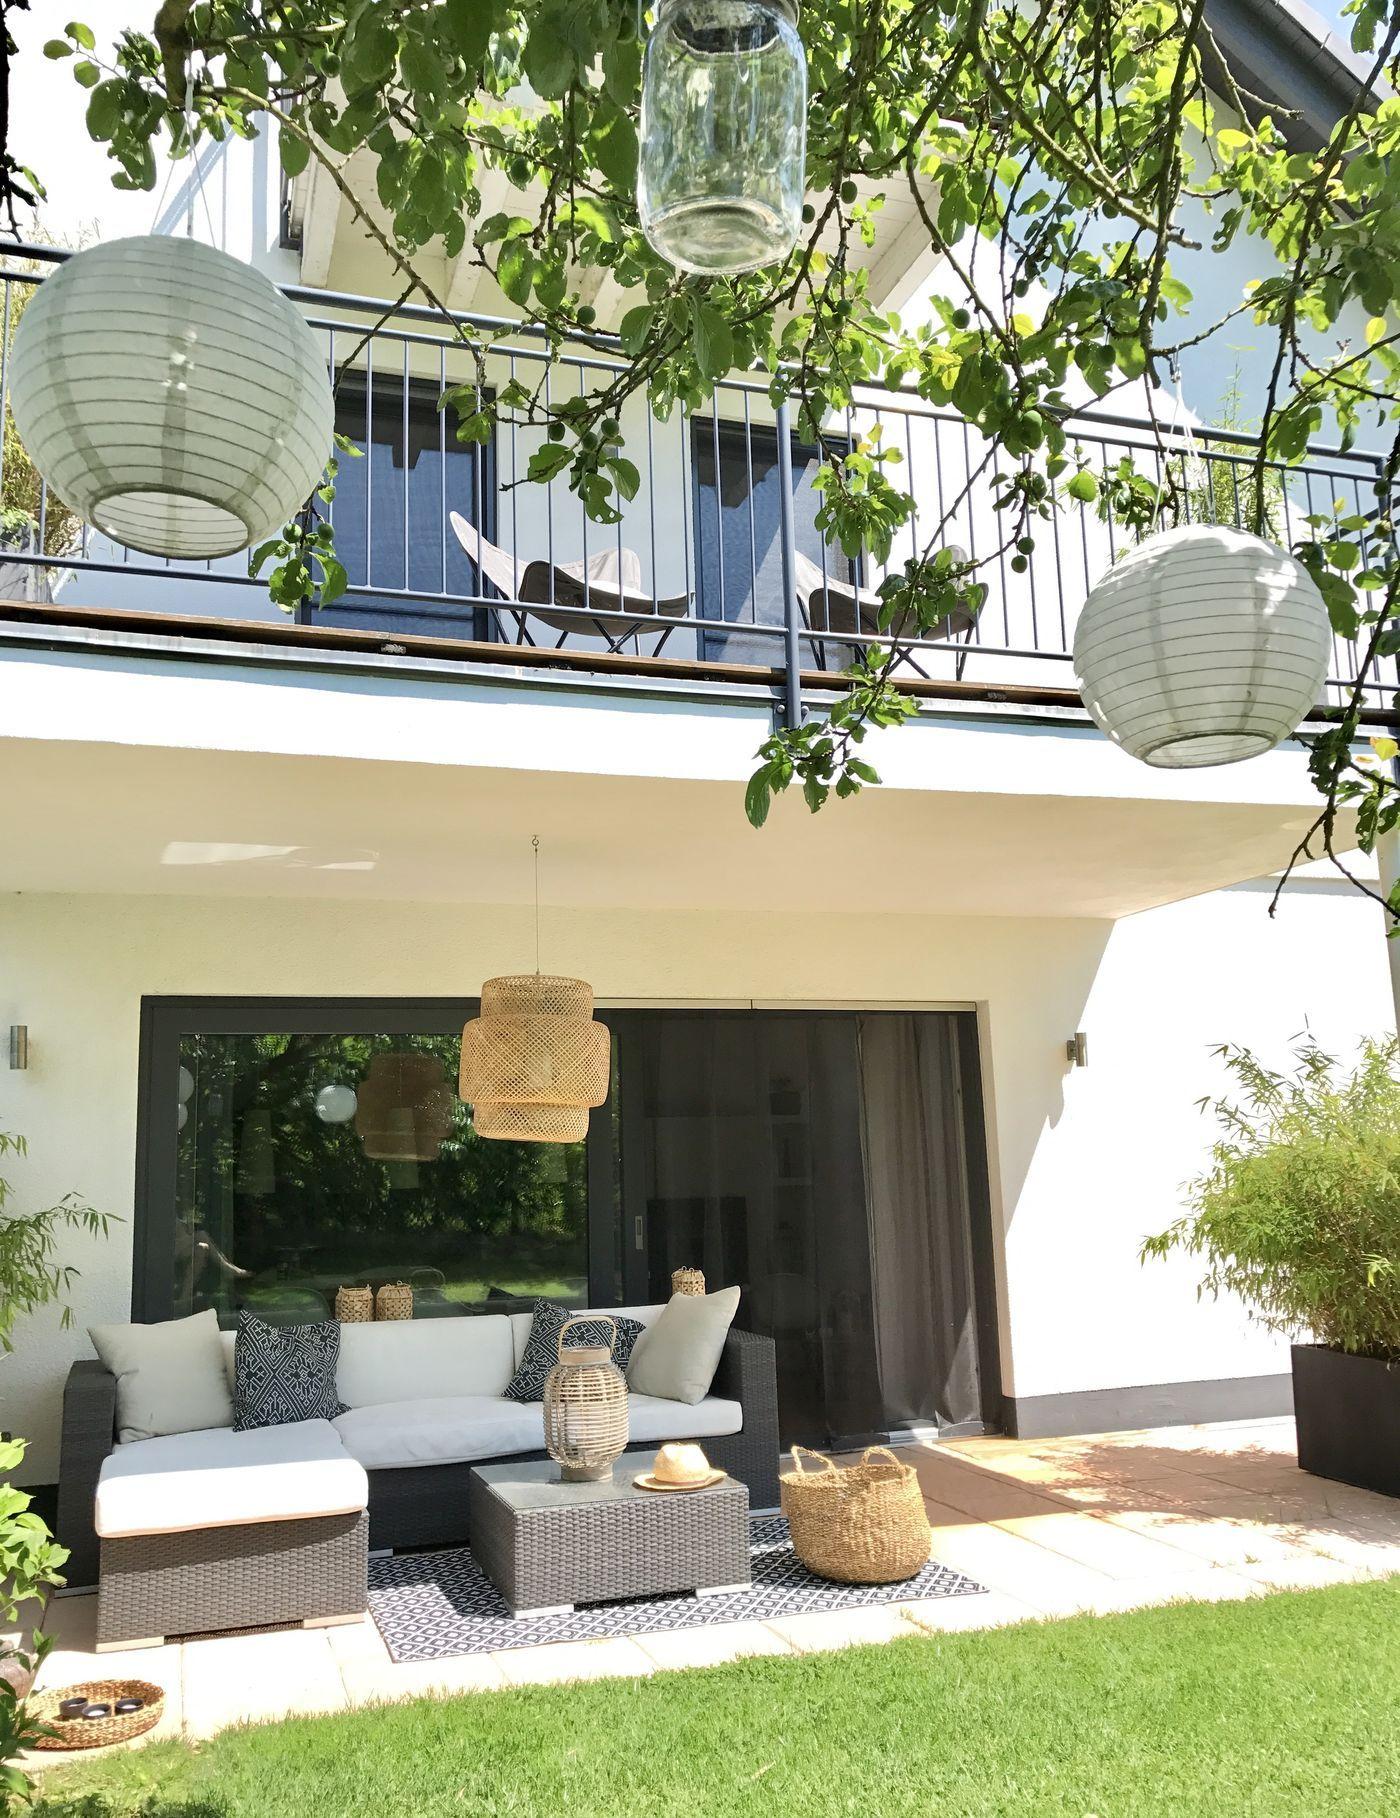 Full Size of Schnsten Ideen Mit Ikea Leuchten Sofa Schlaffunktion Modulküche Küche Kosten Miniküche Betten Bei Kaufen 160x200 Wohnzimmer Hängelampen Ikea